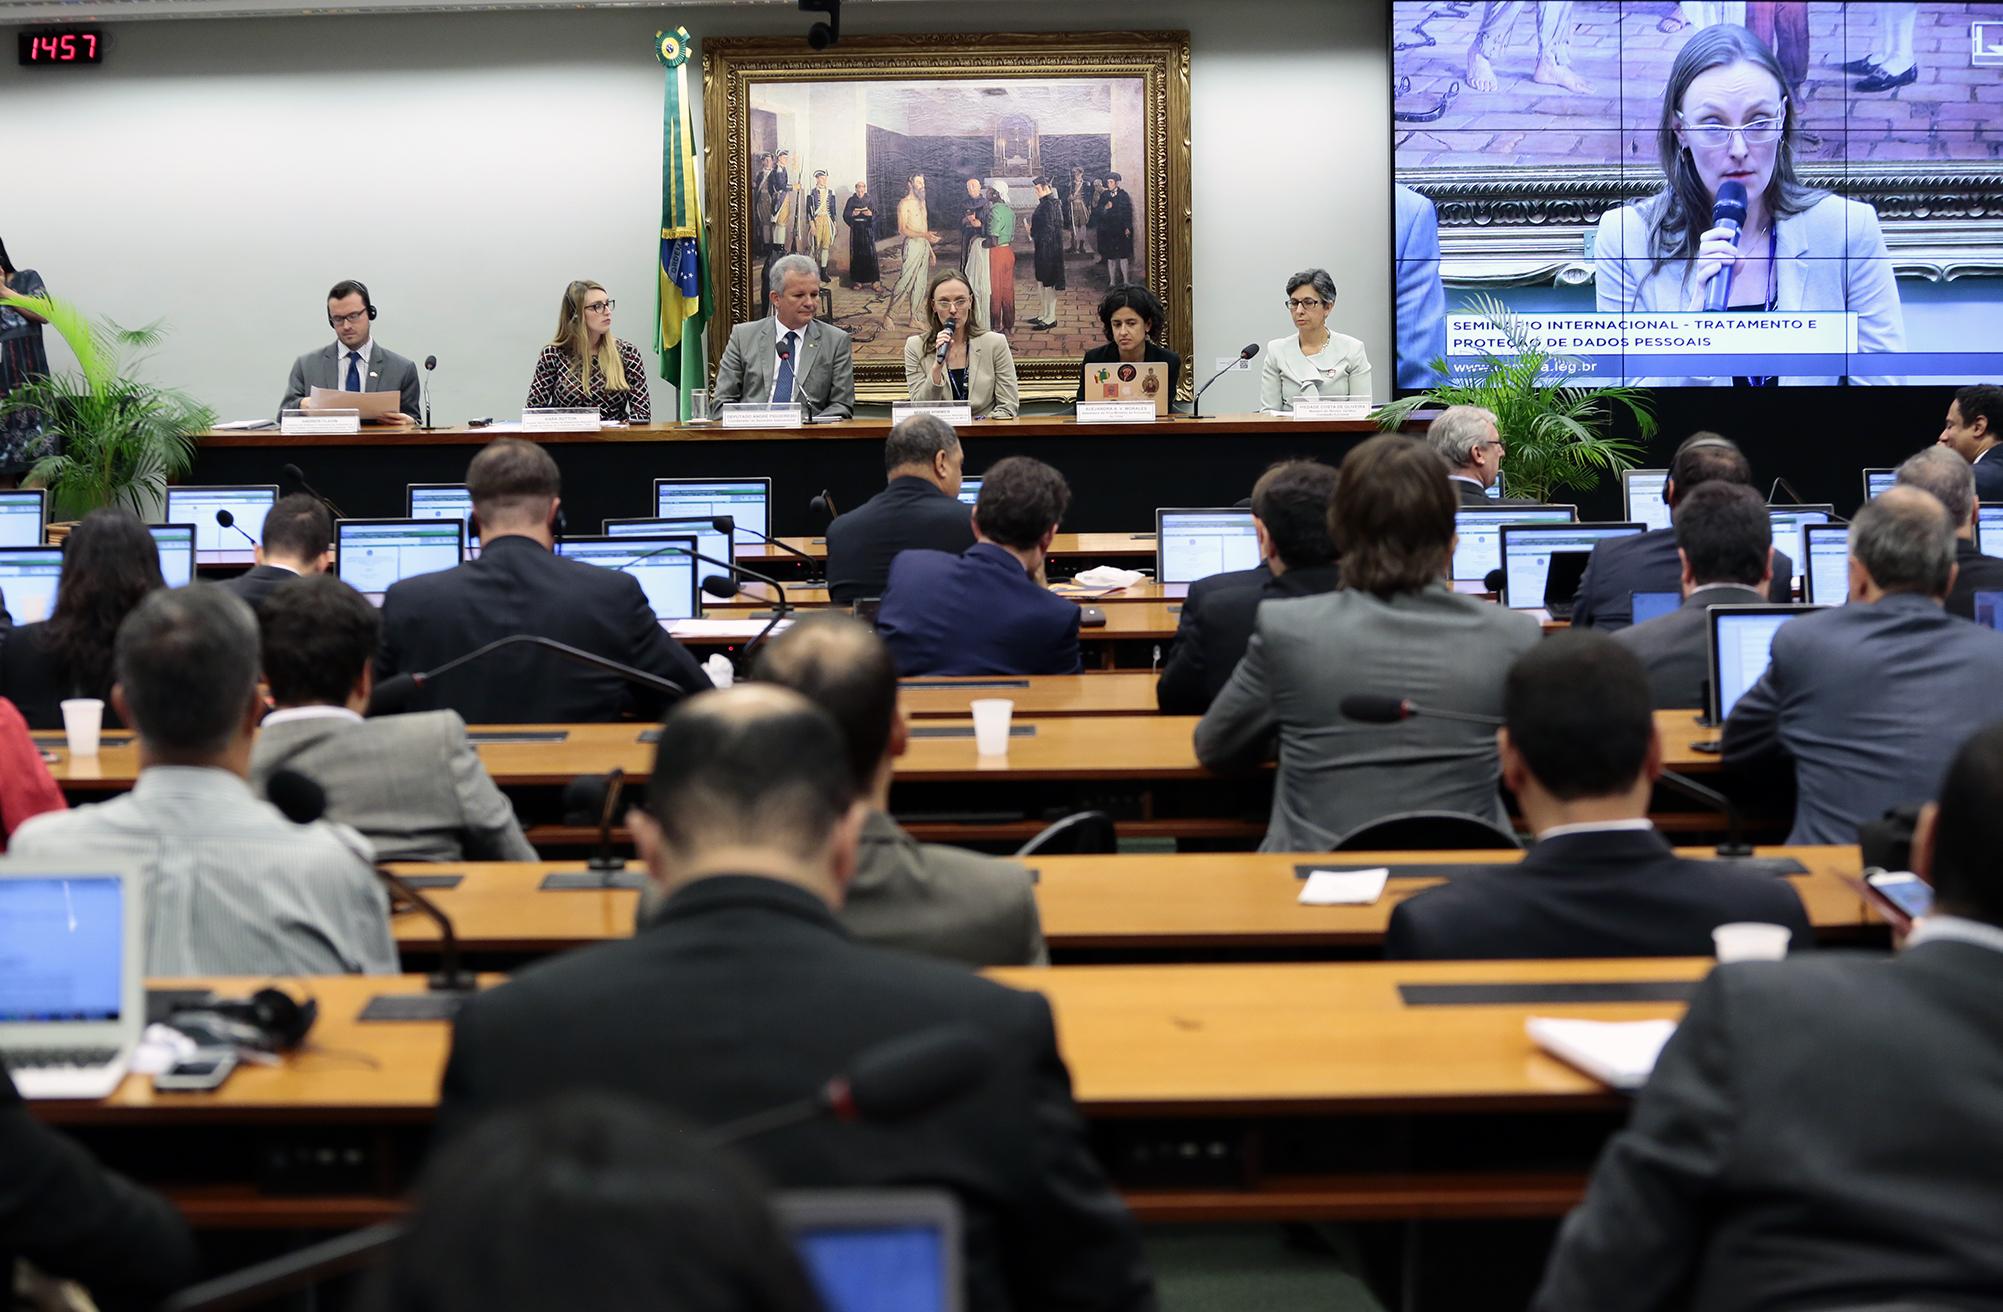 Seminário internacional sobre privacidade e proteção de dados pessoais